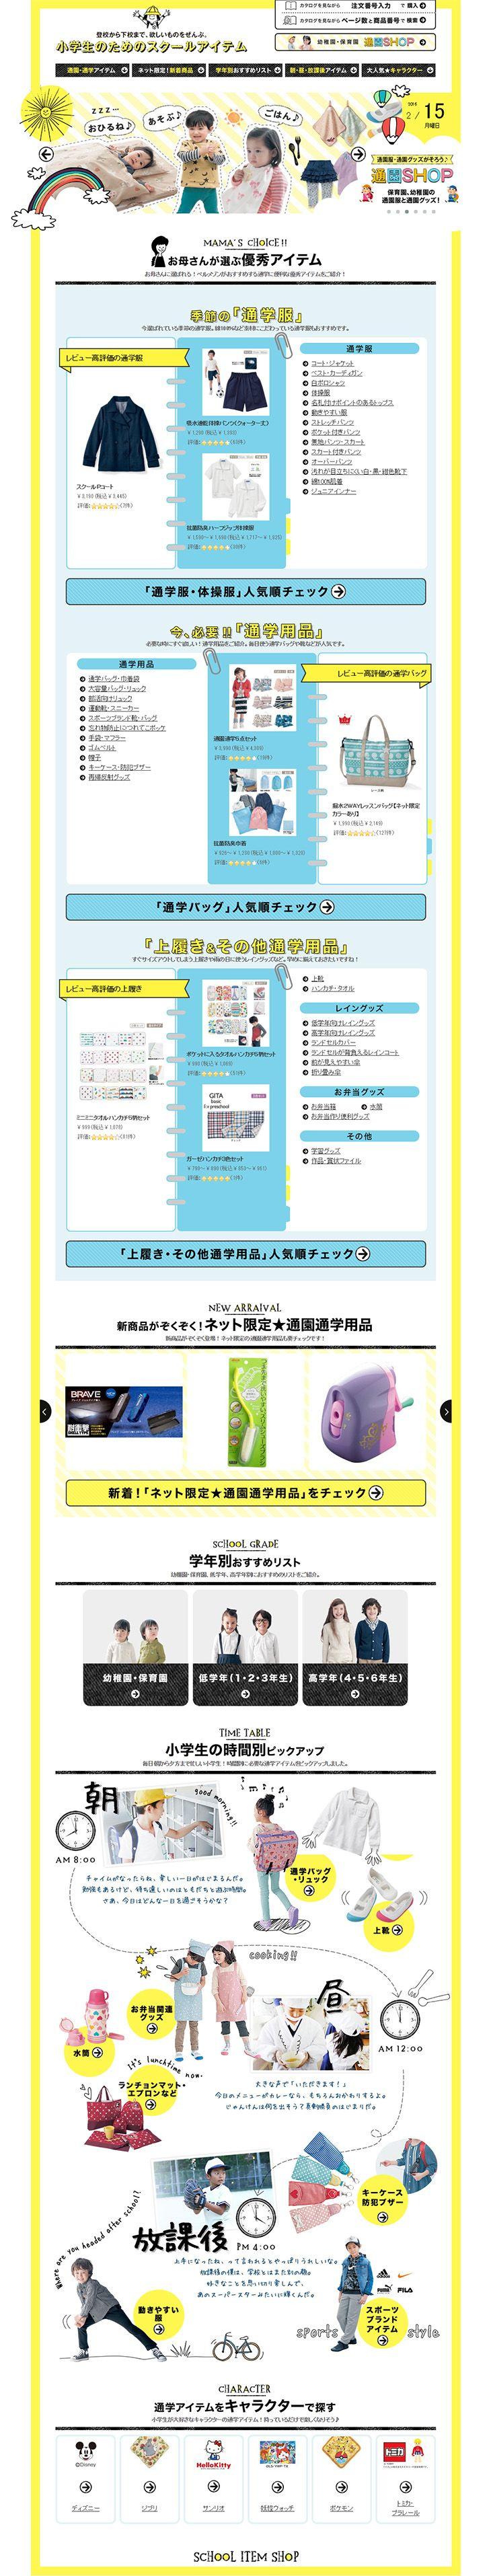 ランディングページ LP 小学生のための通学アイテム|キッズ・ベビー・玩具|自社サイト